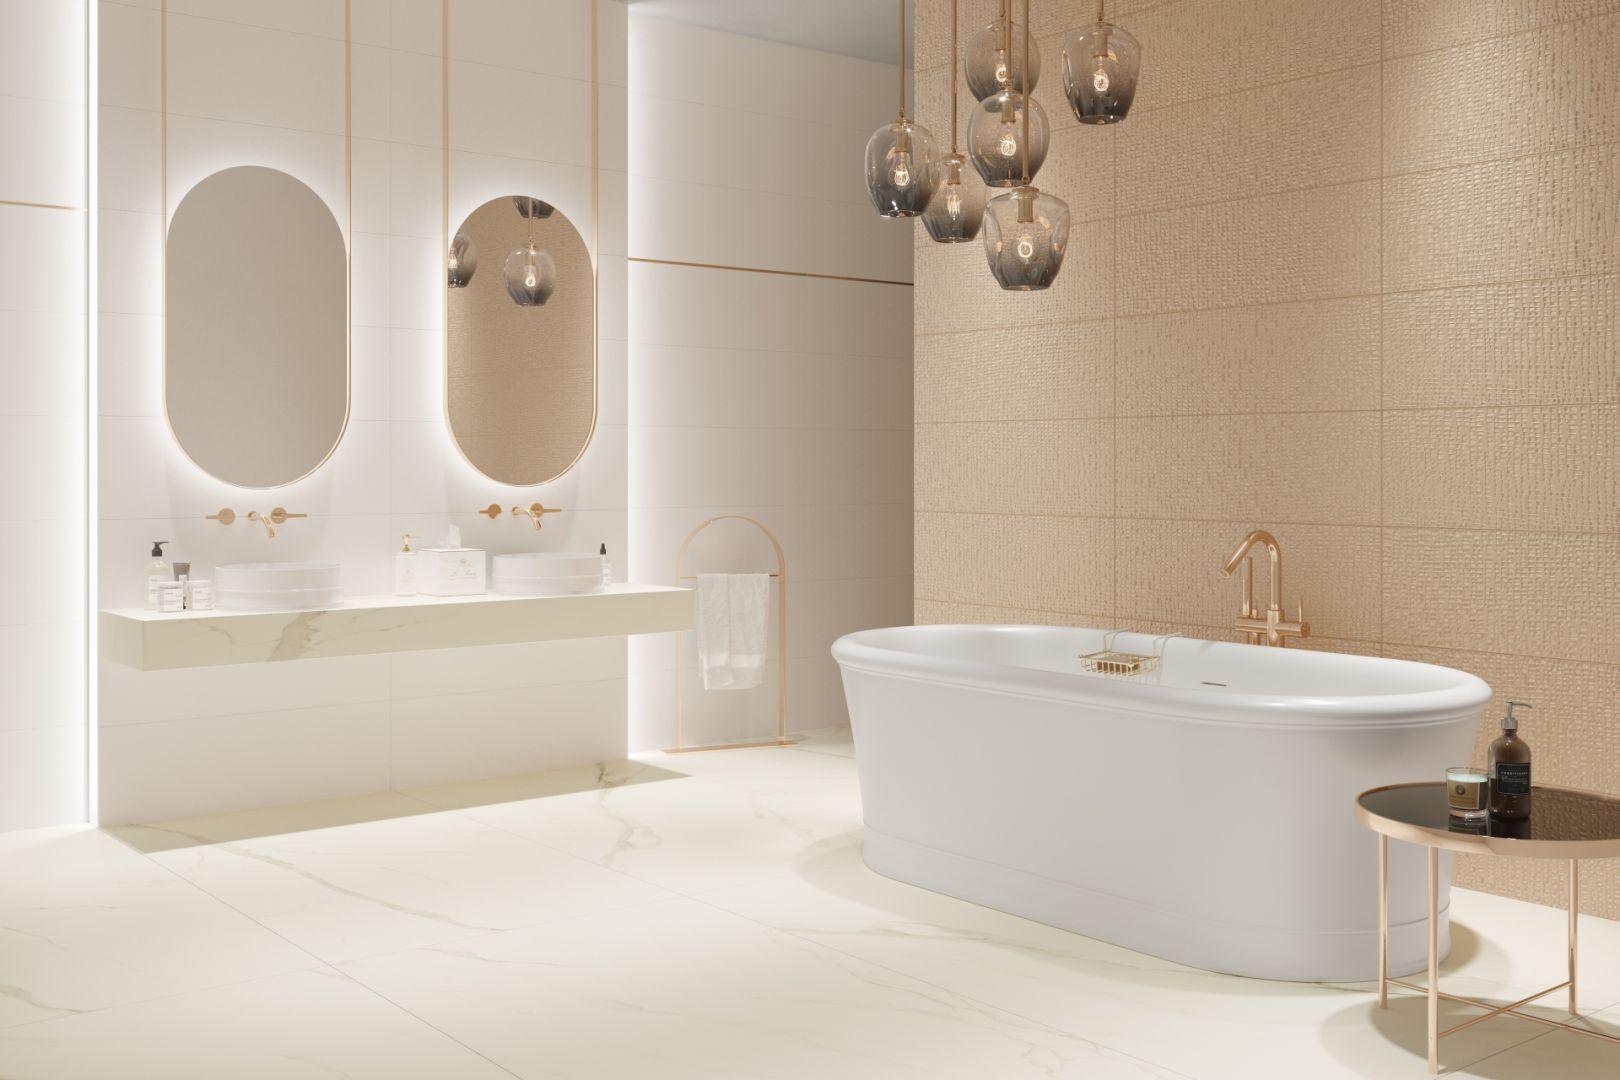 Kolekcja Golden Hills/Ceramika Paradyż. Produkt zgłoszony do konkursu Dobry Design 2020.